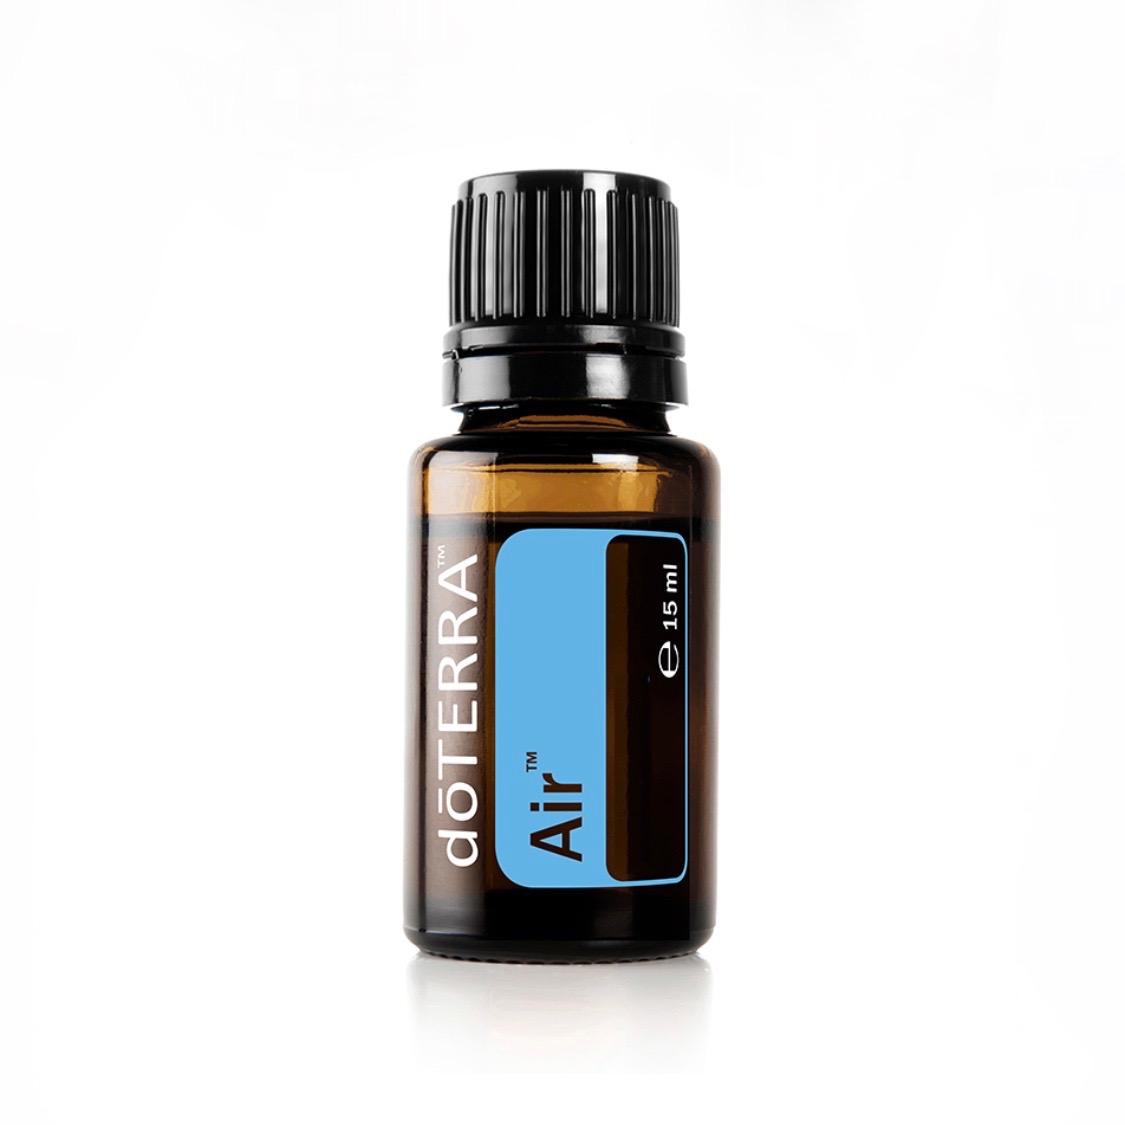 Air/ Breath - AndningsblandningApplicera en droppe under näsan före en yogaklass eller ett träningspass.Applicera 1 droppe utspädd i en bärolja på bröstet för att hjälpa dig andas lättare.Diffusa i ditt sovrum när du sover. Addera 5 droppar i diffusern, eller 3 droppar Air / Breath och 2 droppar Lavendel